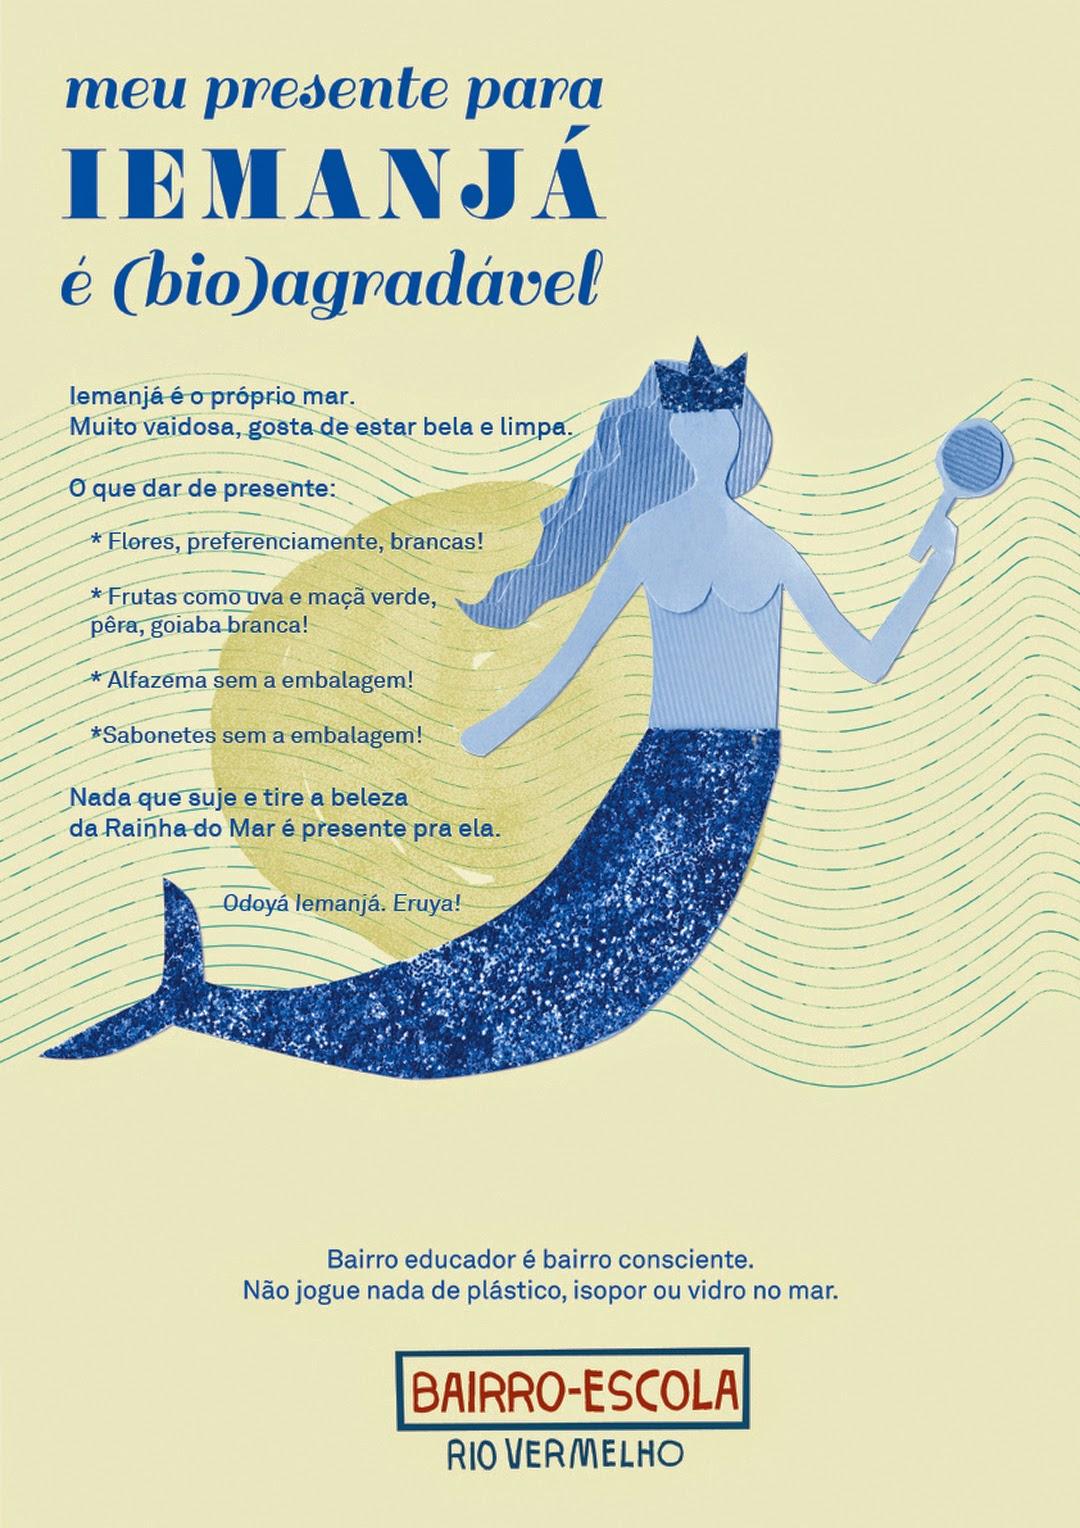 Vamos agradar Iemanjá sem poluir o mar com oferendas (bio)agradáveis